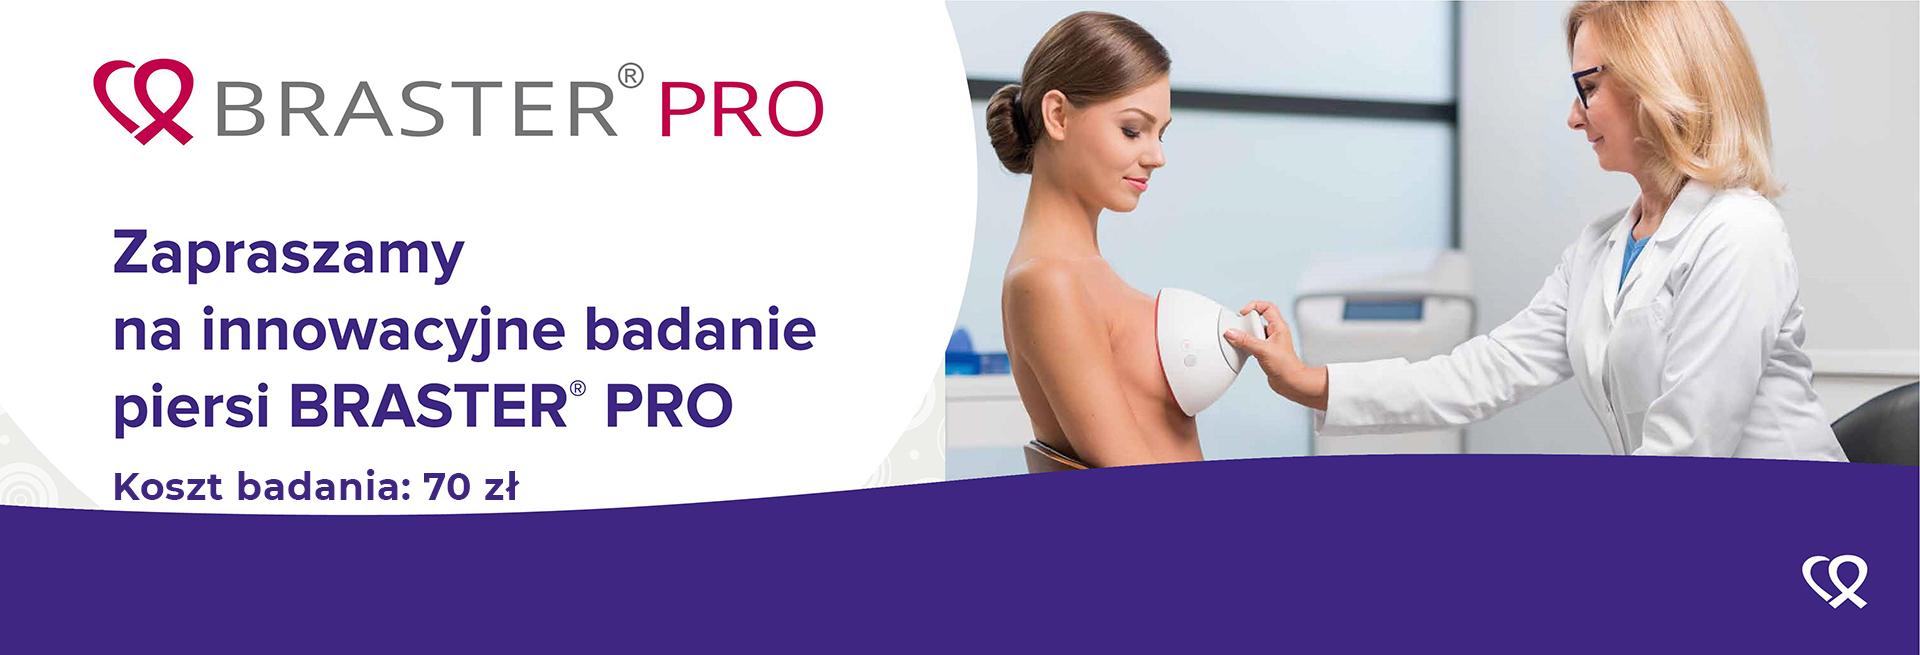 Braster Pro - zaproszenie na badanie piersi i cena badania